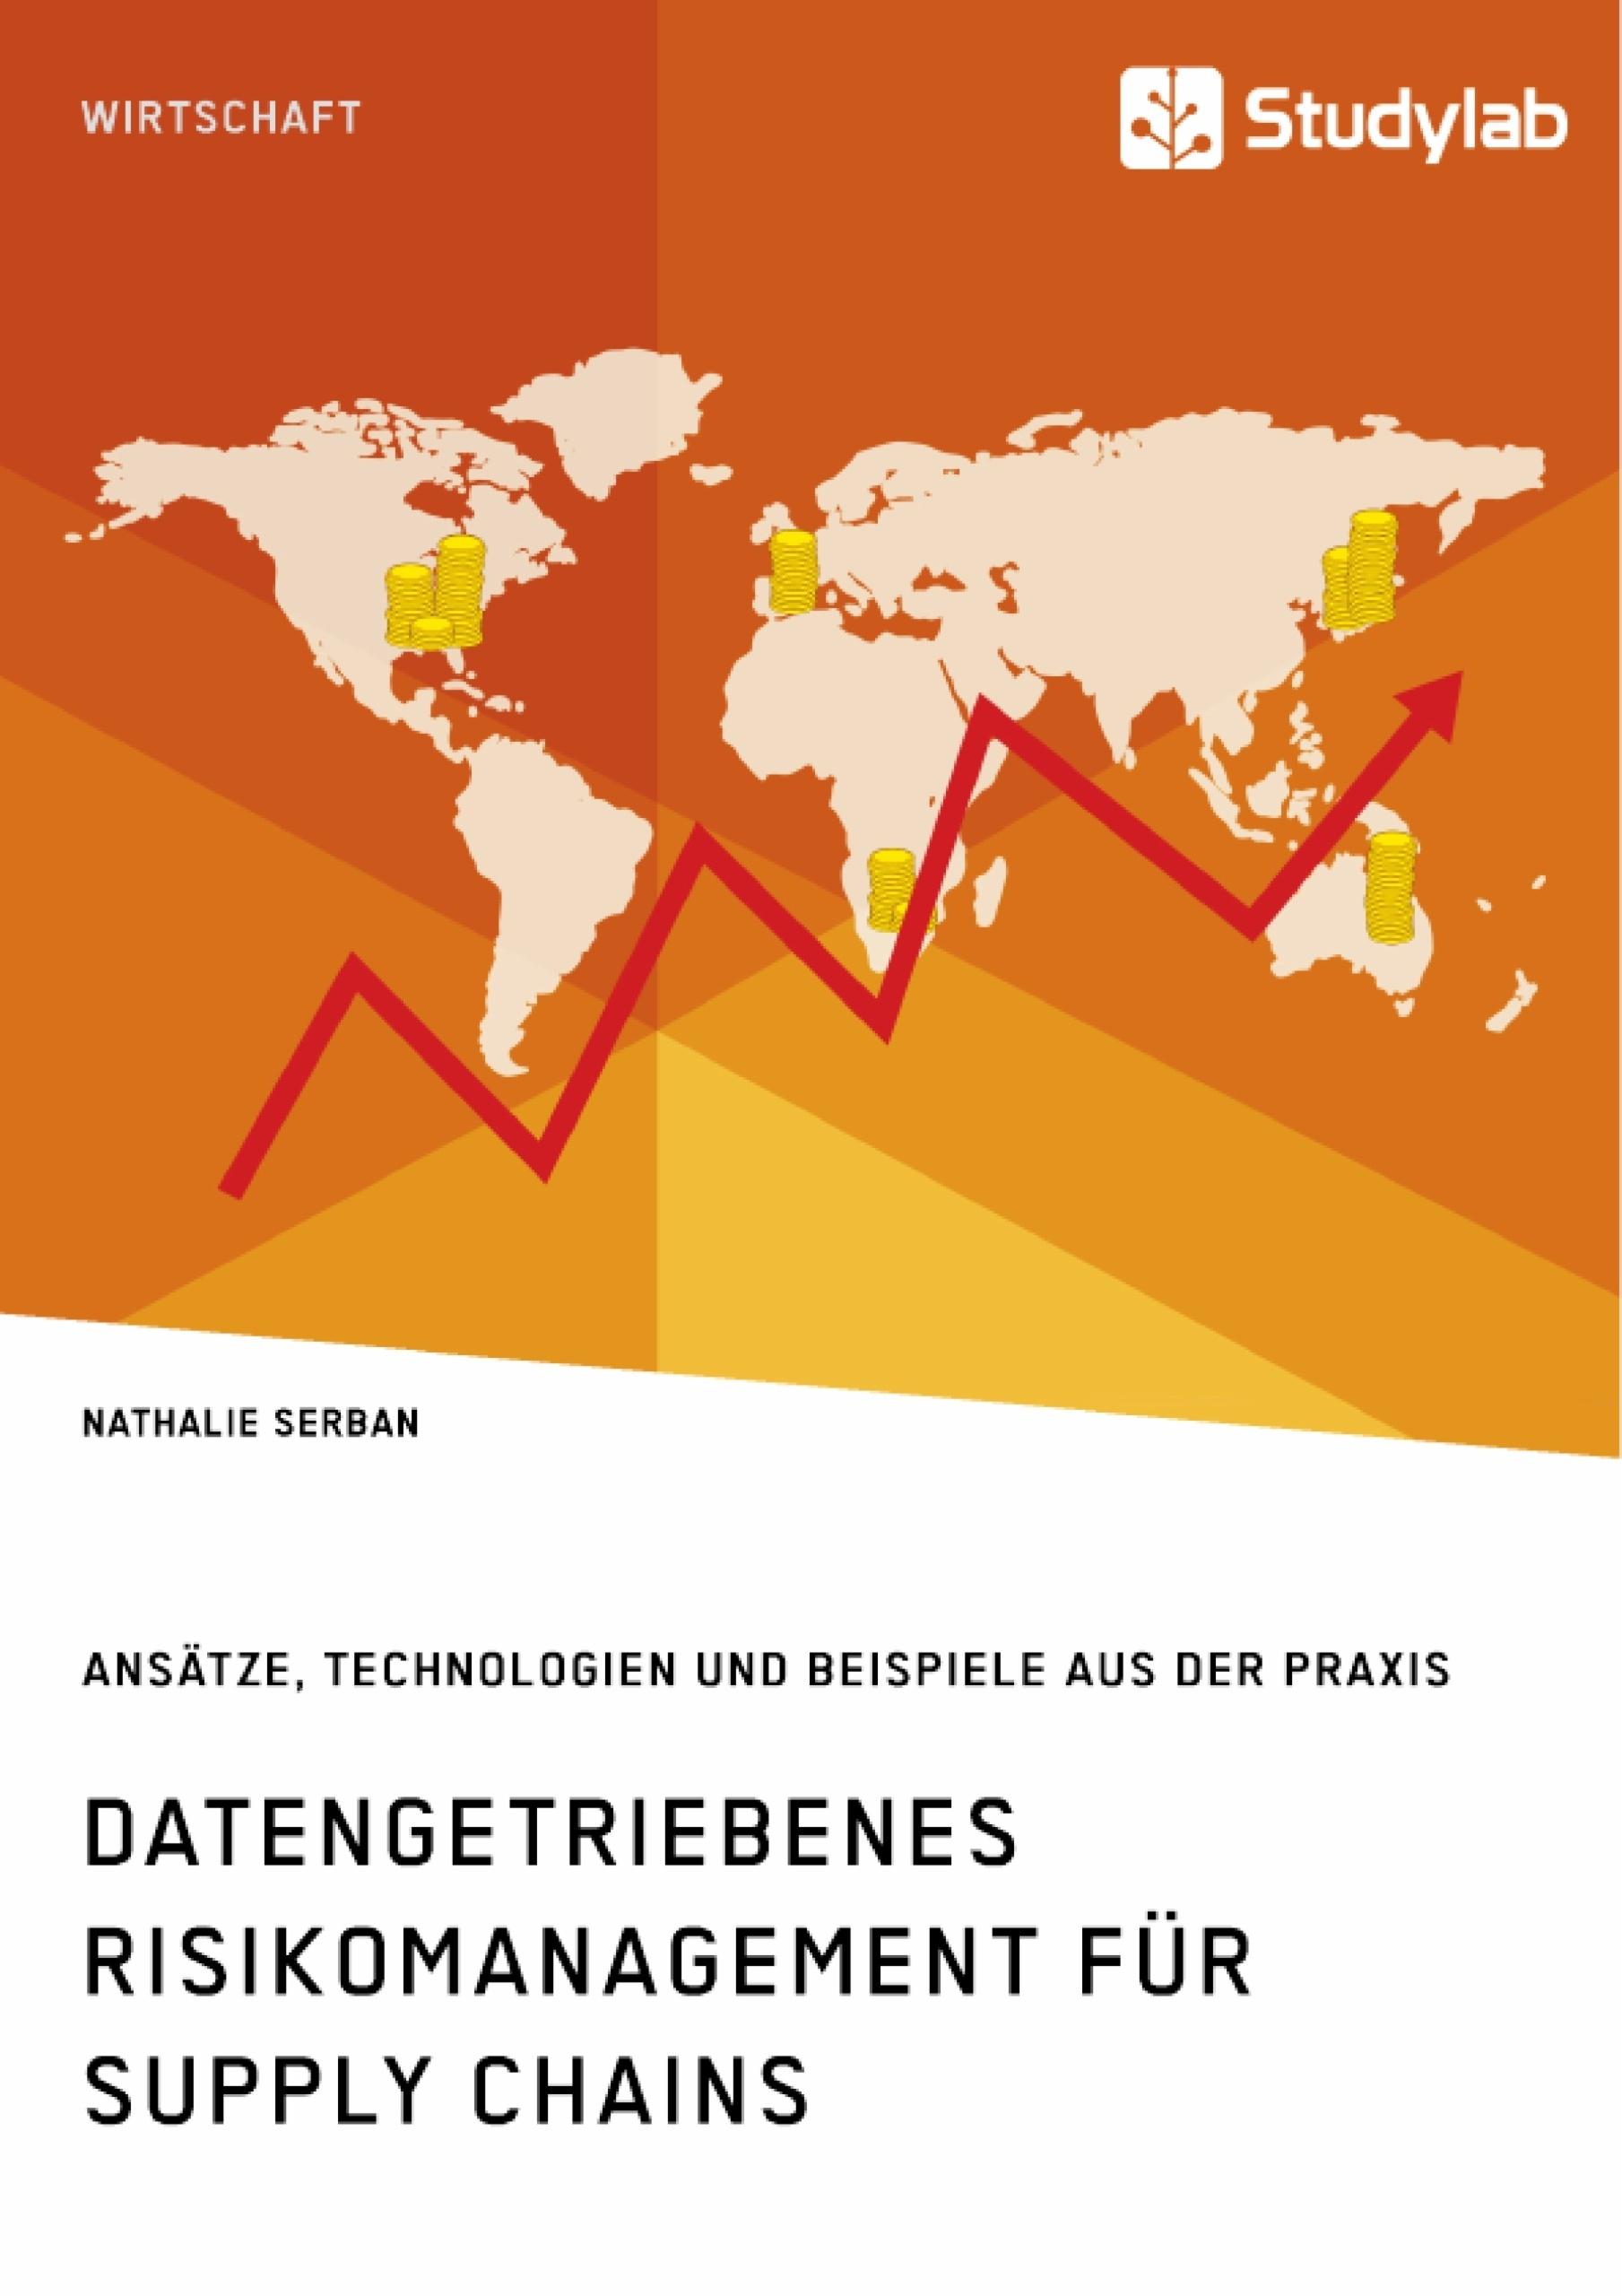 Titel: Datengetriebenes Risikomanagement für Supply Chains. Ansätze, Technologien und Beispiele aus der Praxis